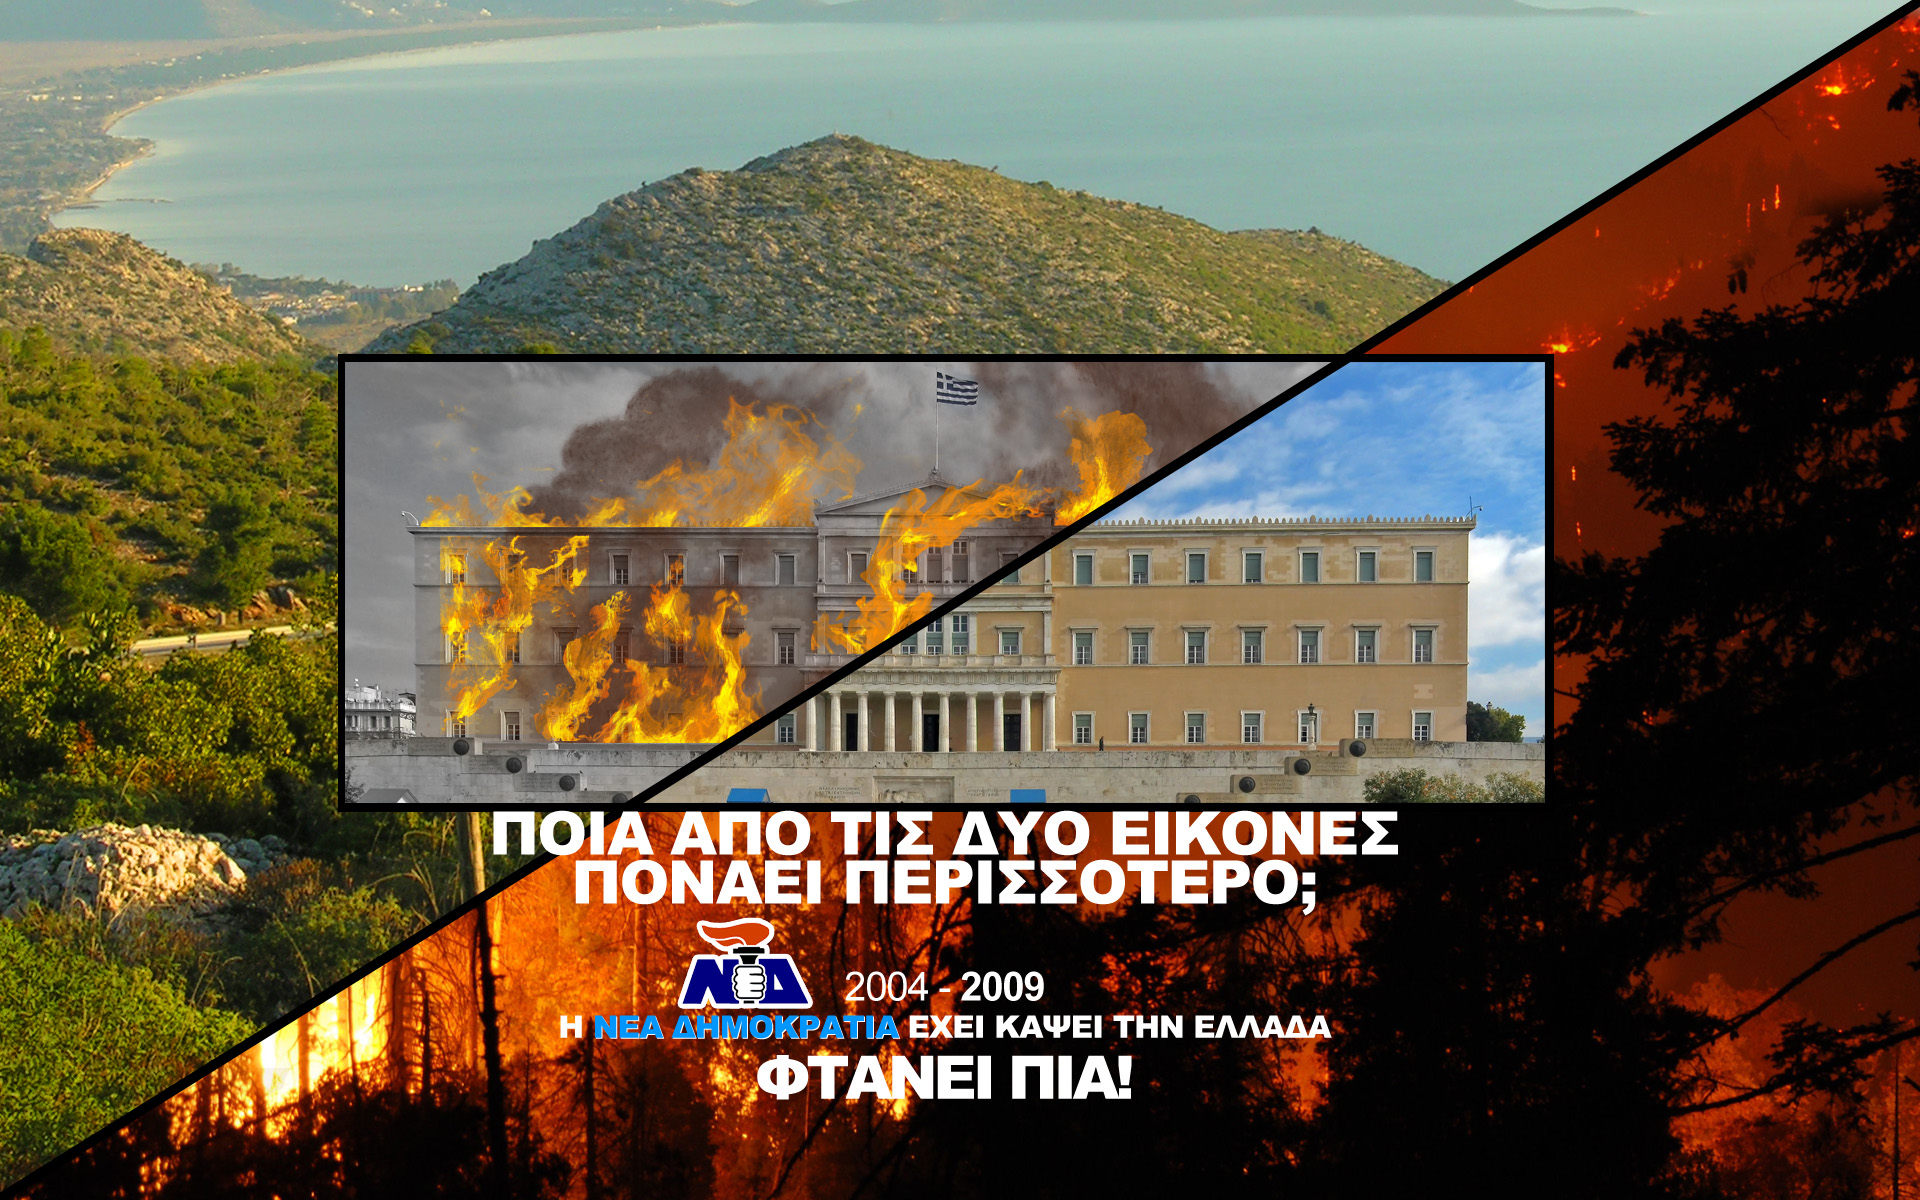 Φωτιές στην Ελλάδα 2007-2009